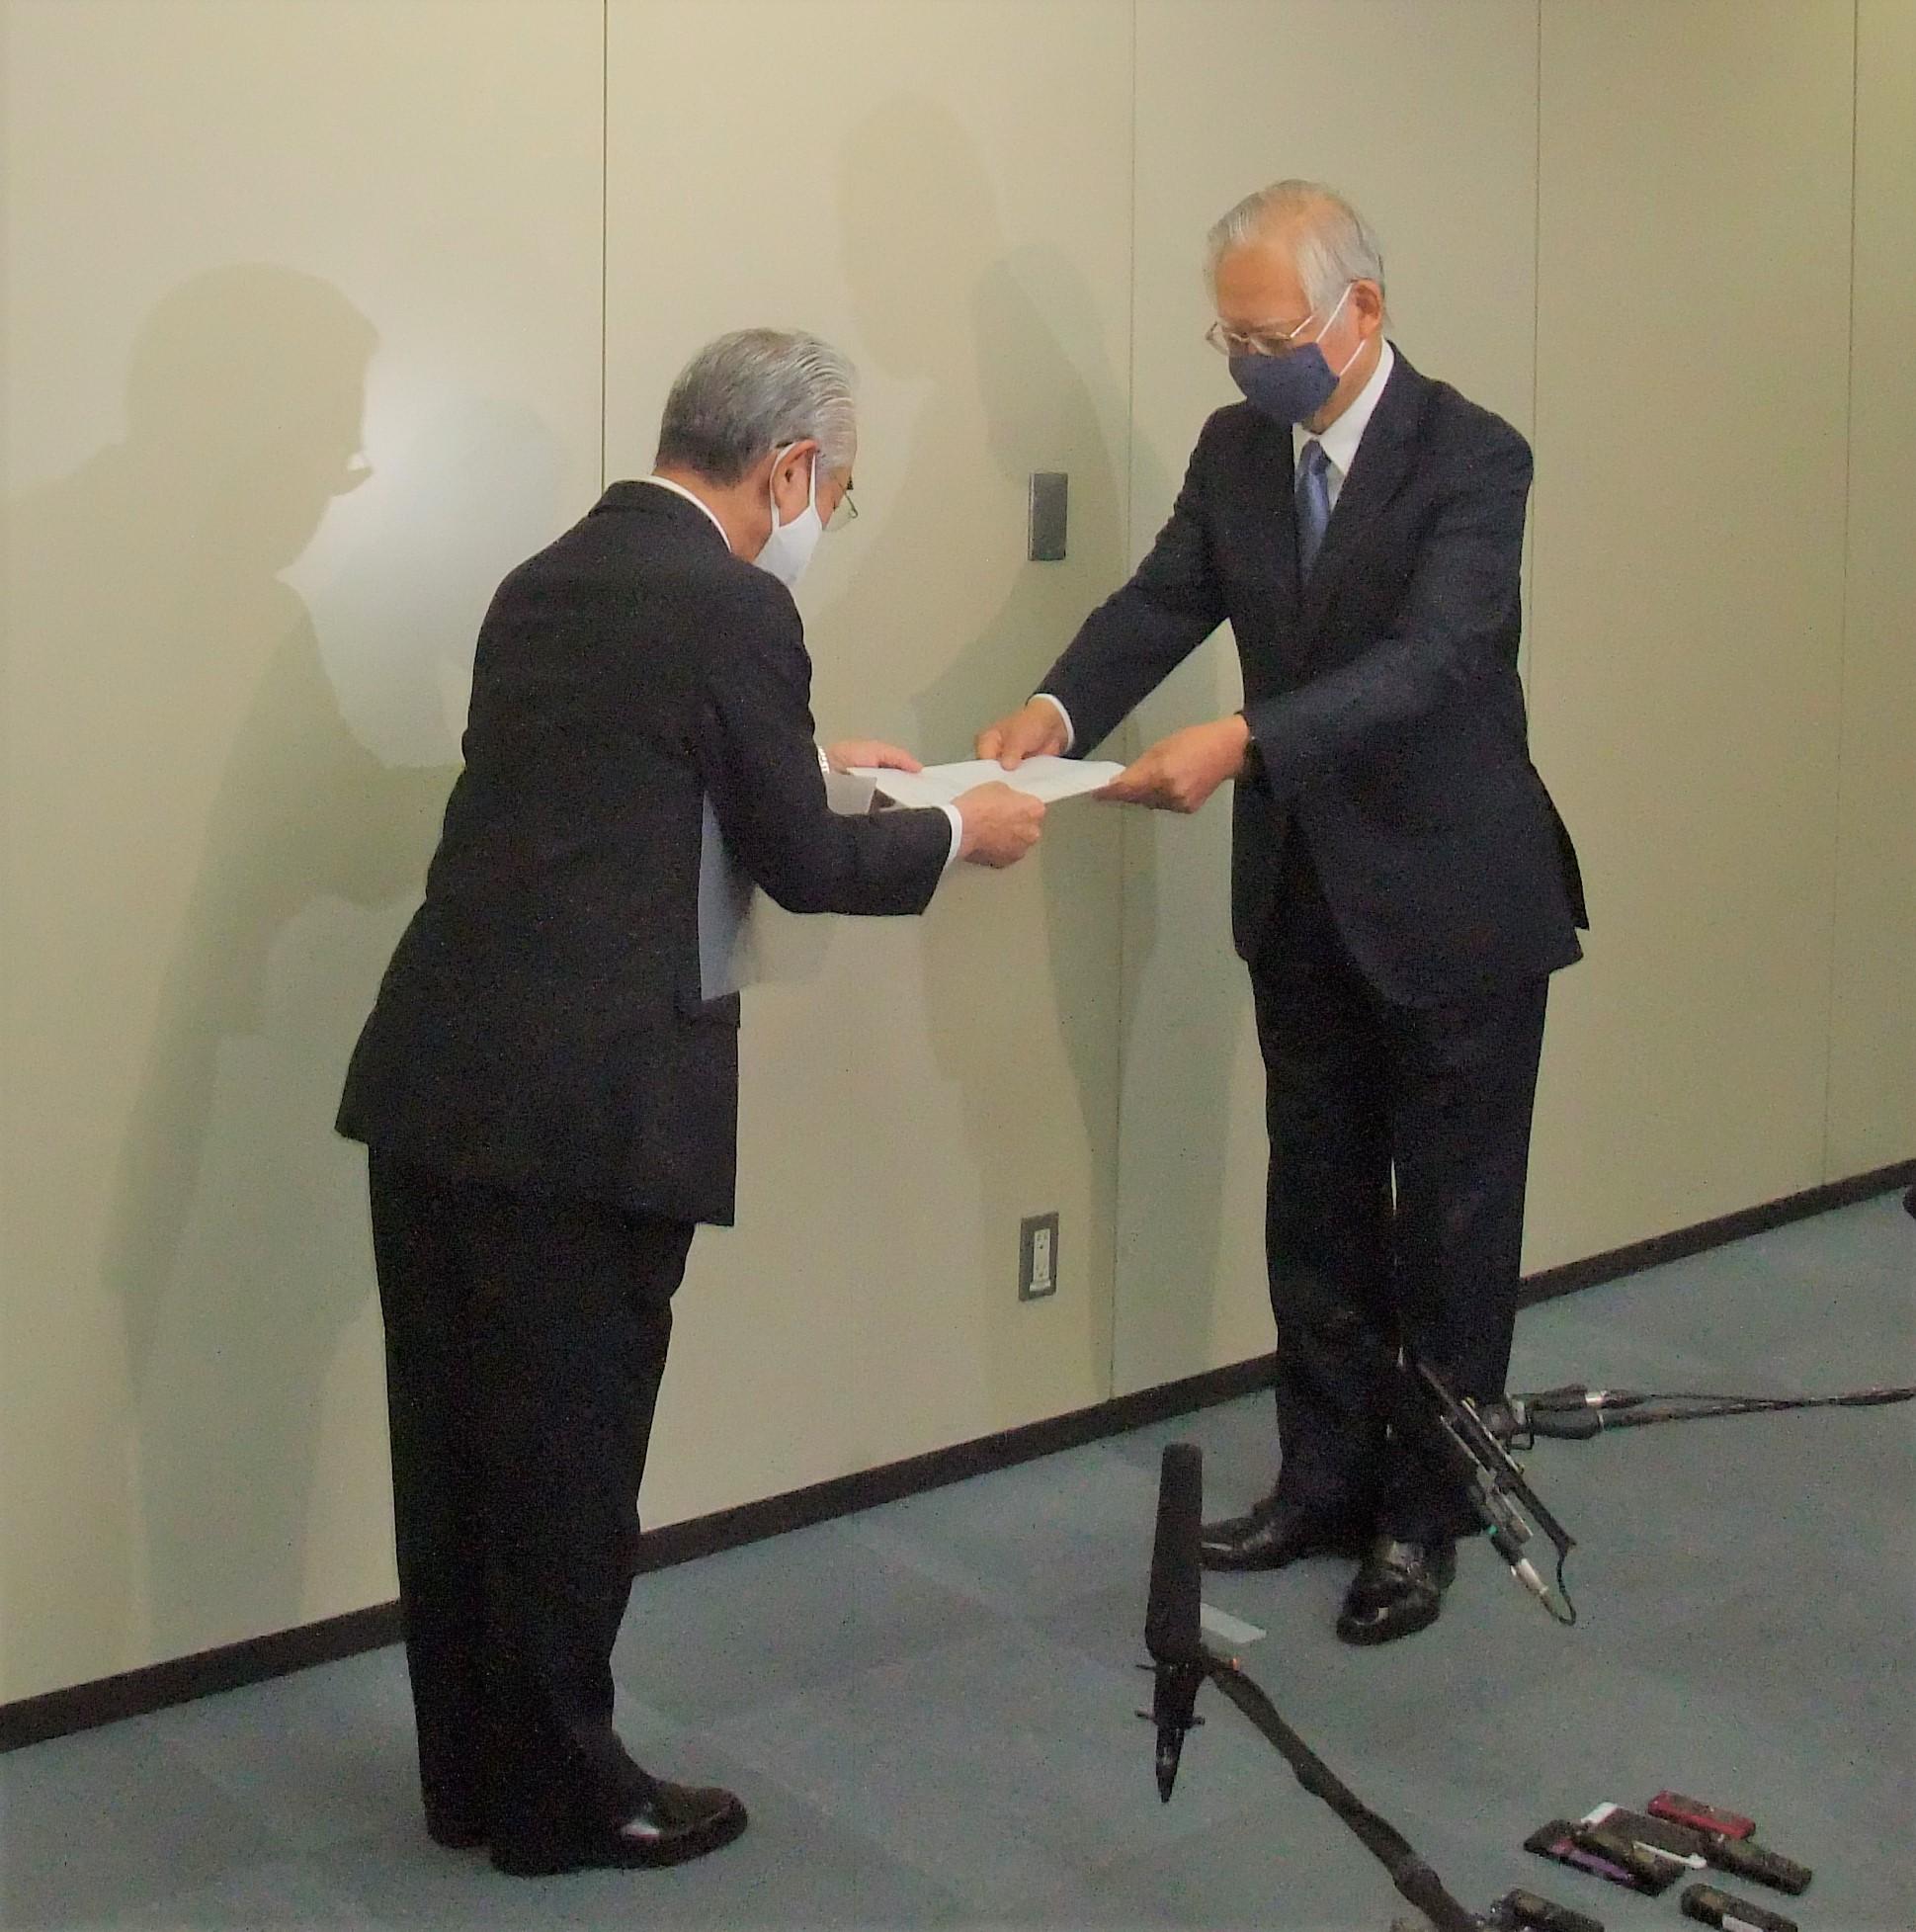 文献調査応募書を手渡す片岡町長(左)